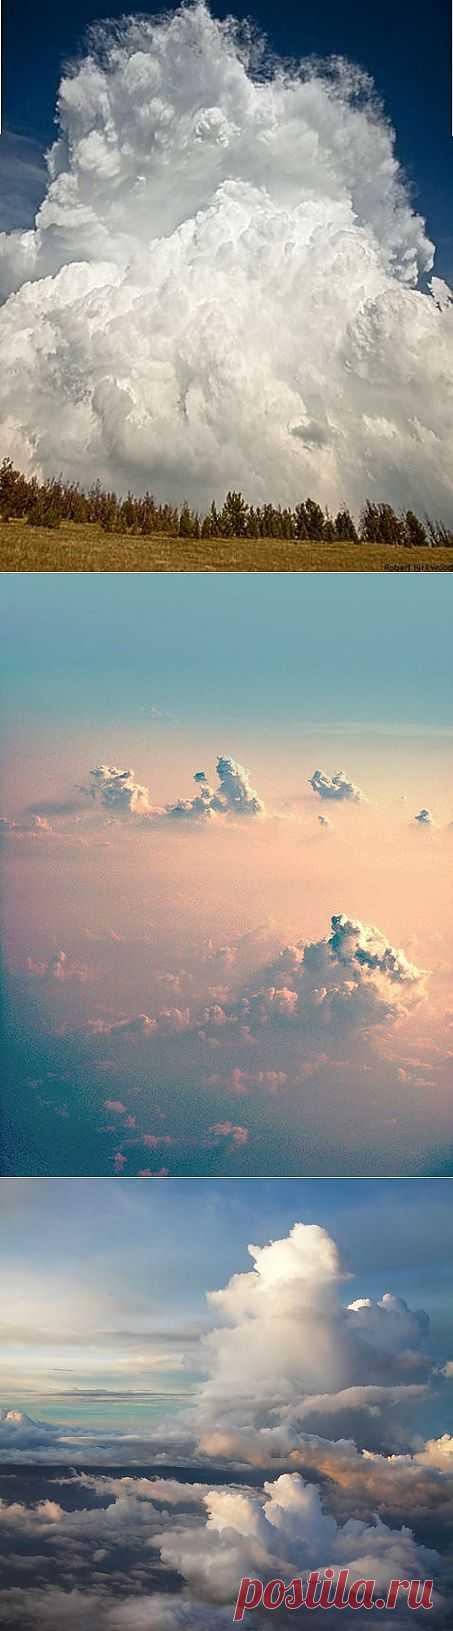 Облака белогривые лошадки!